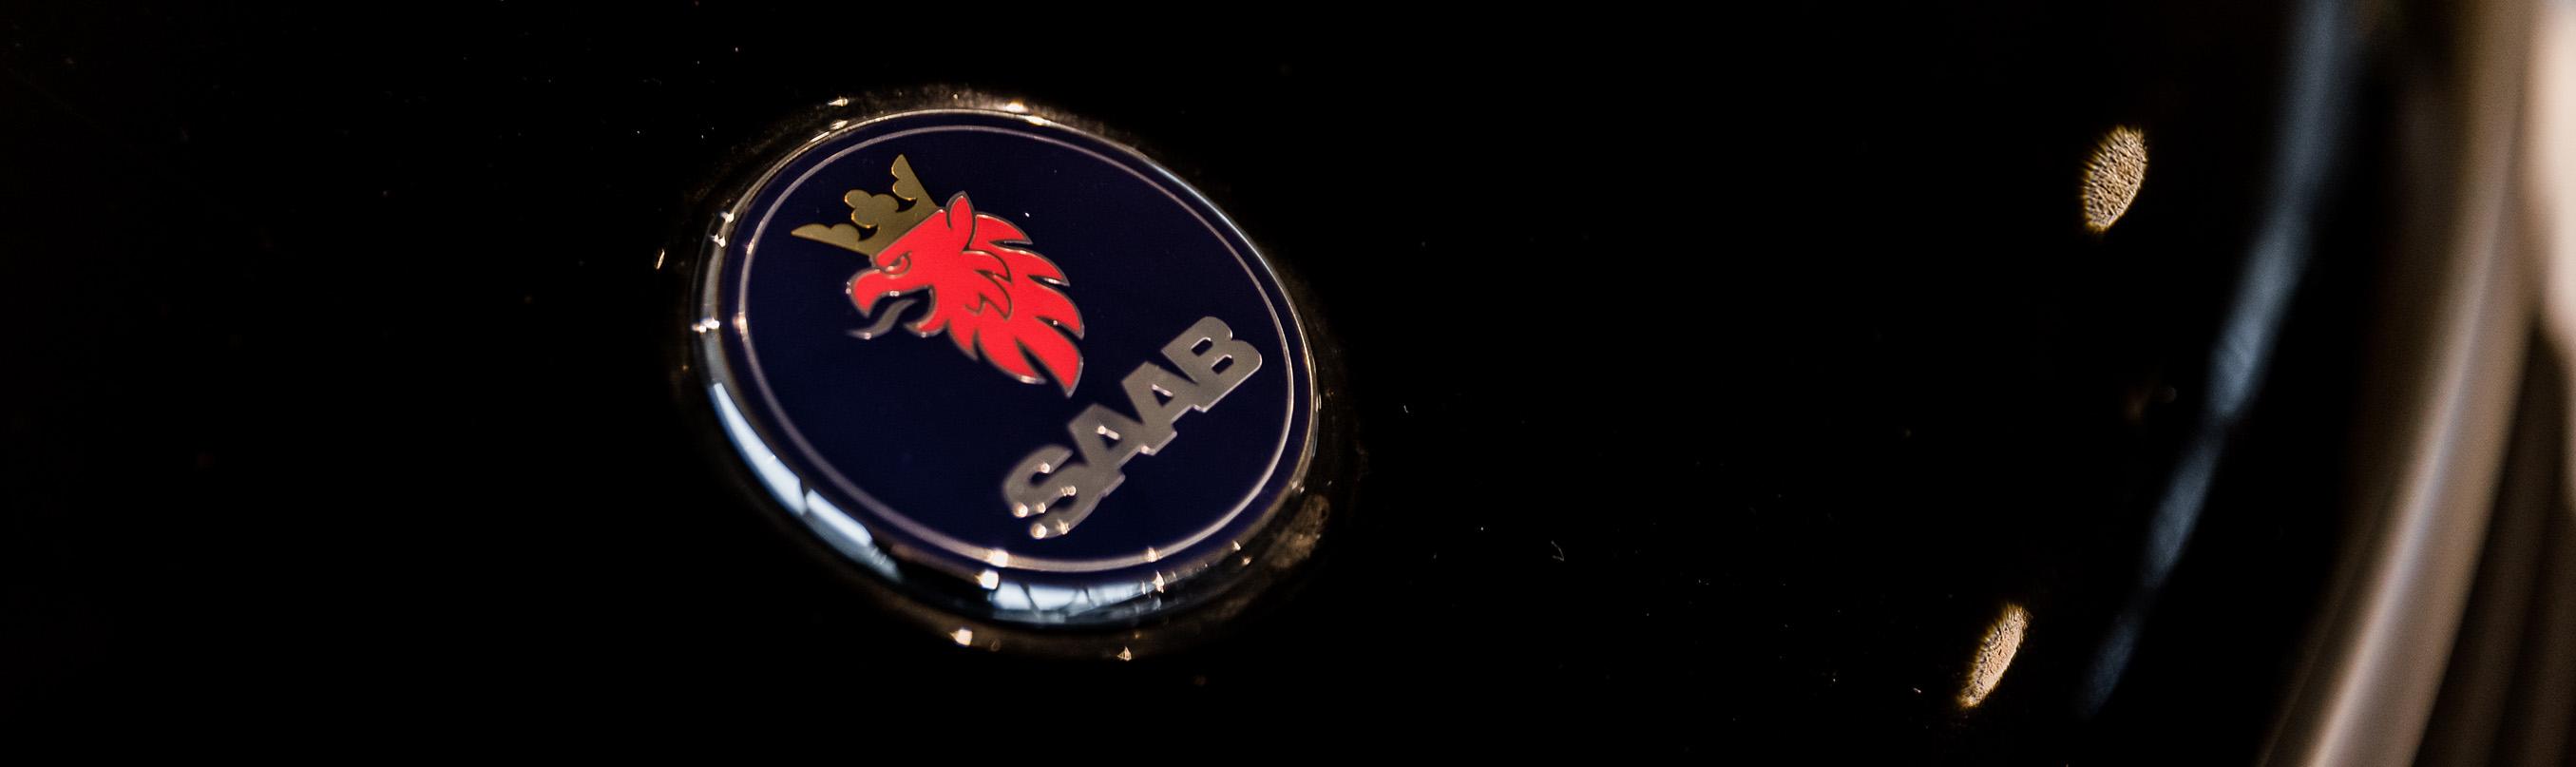 Onderdelen Saab